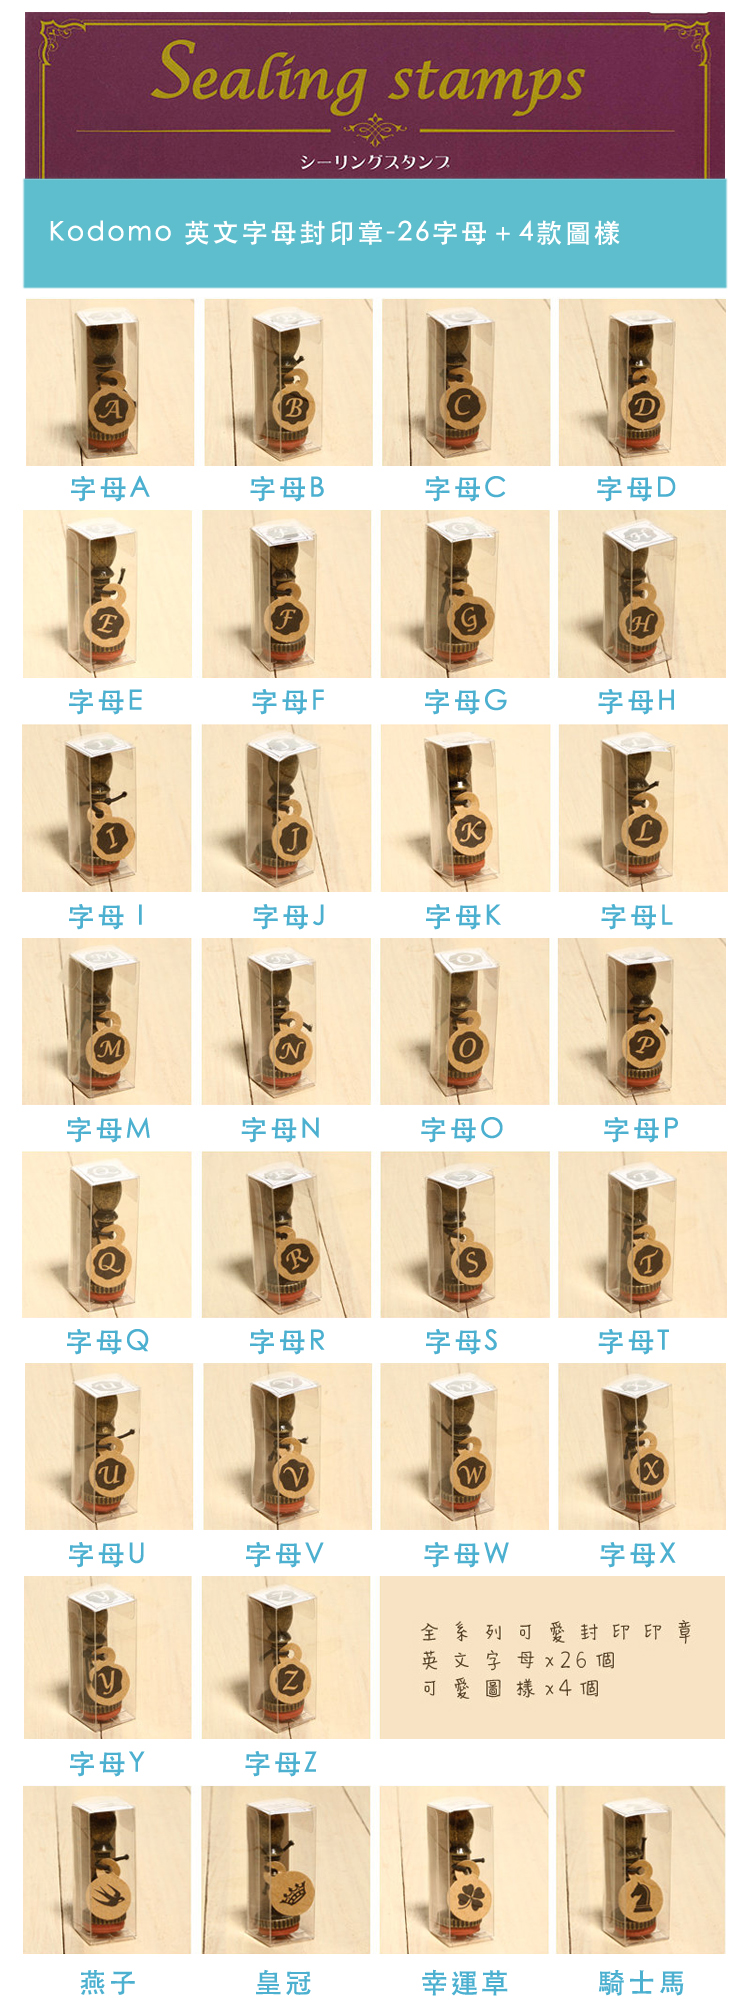 Kodomo 小孩牌 封印 印章 款式表